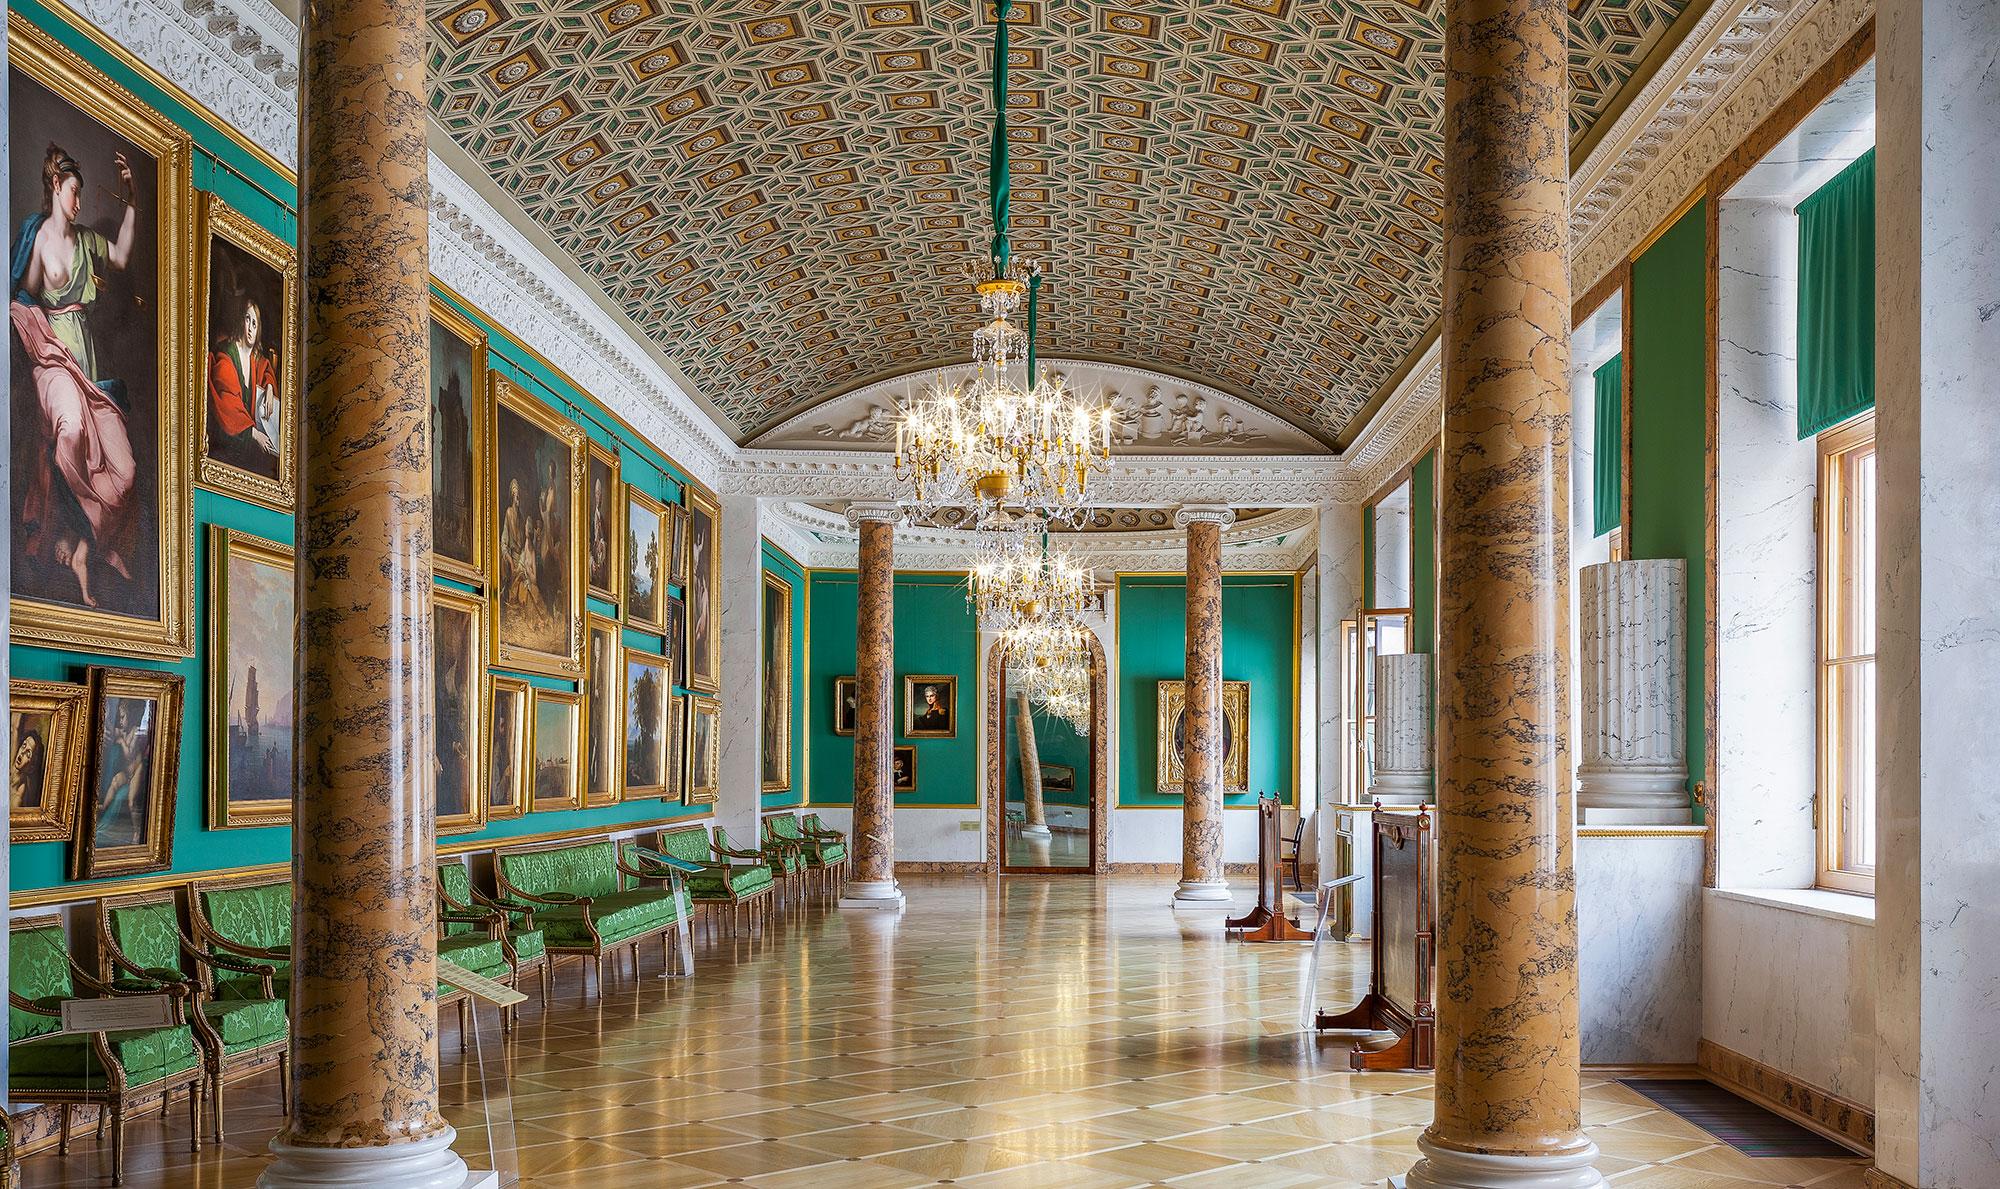 Экскурсии в Строгановский дворец